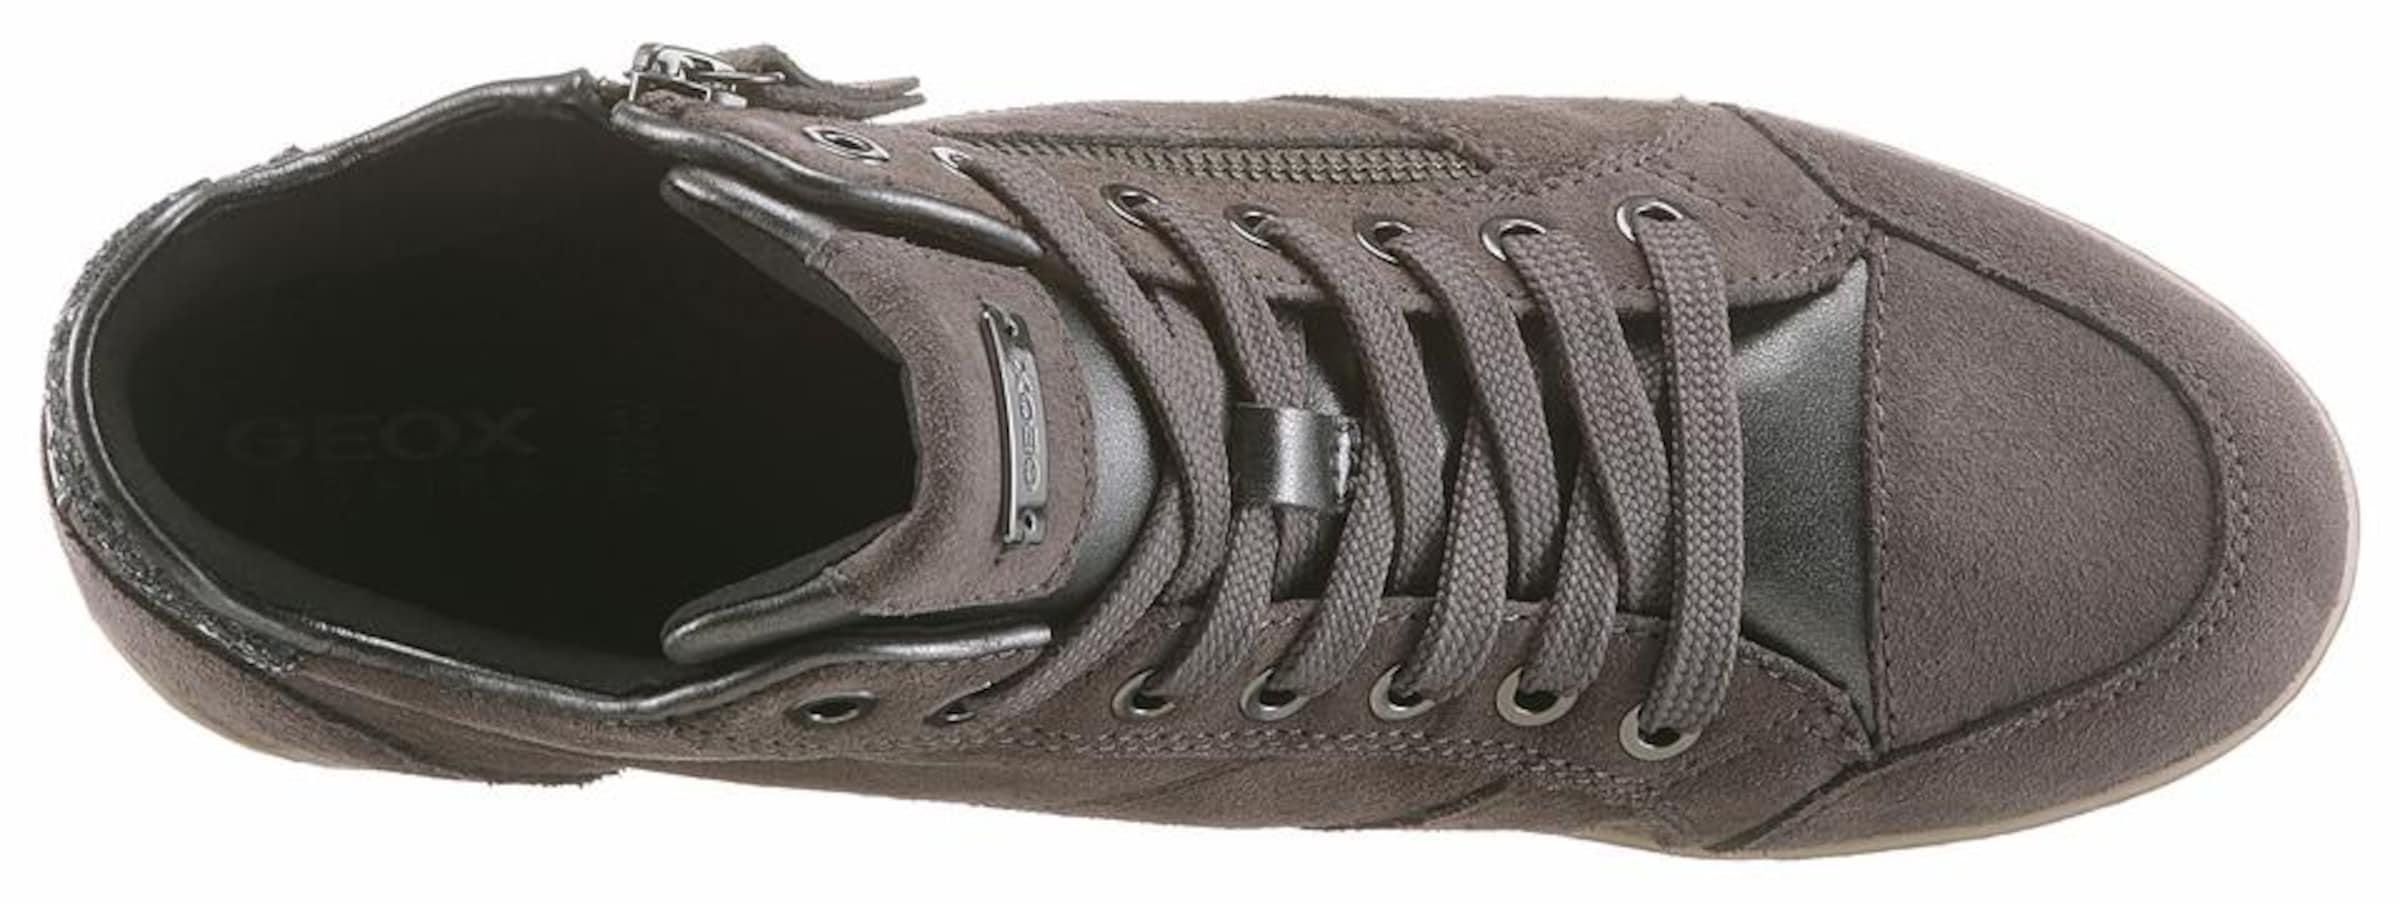 Niedriger Preis Günstig Online Shop-Angebot Zum Verkauf GEOX Sneaker Günstig Kosten Neue Stile Günstiger Preis rdBRB